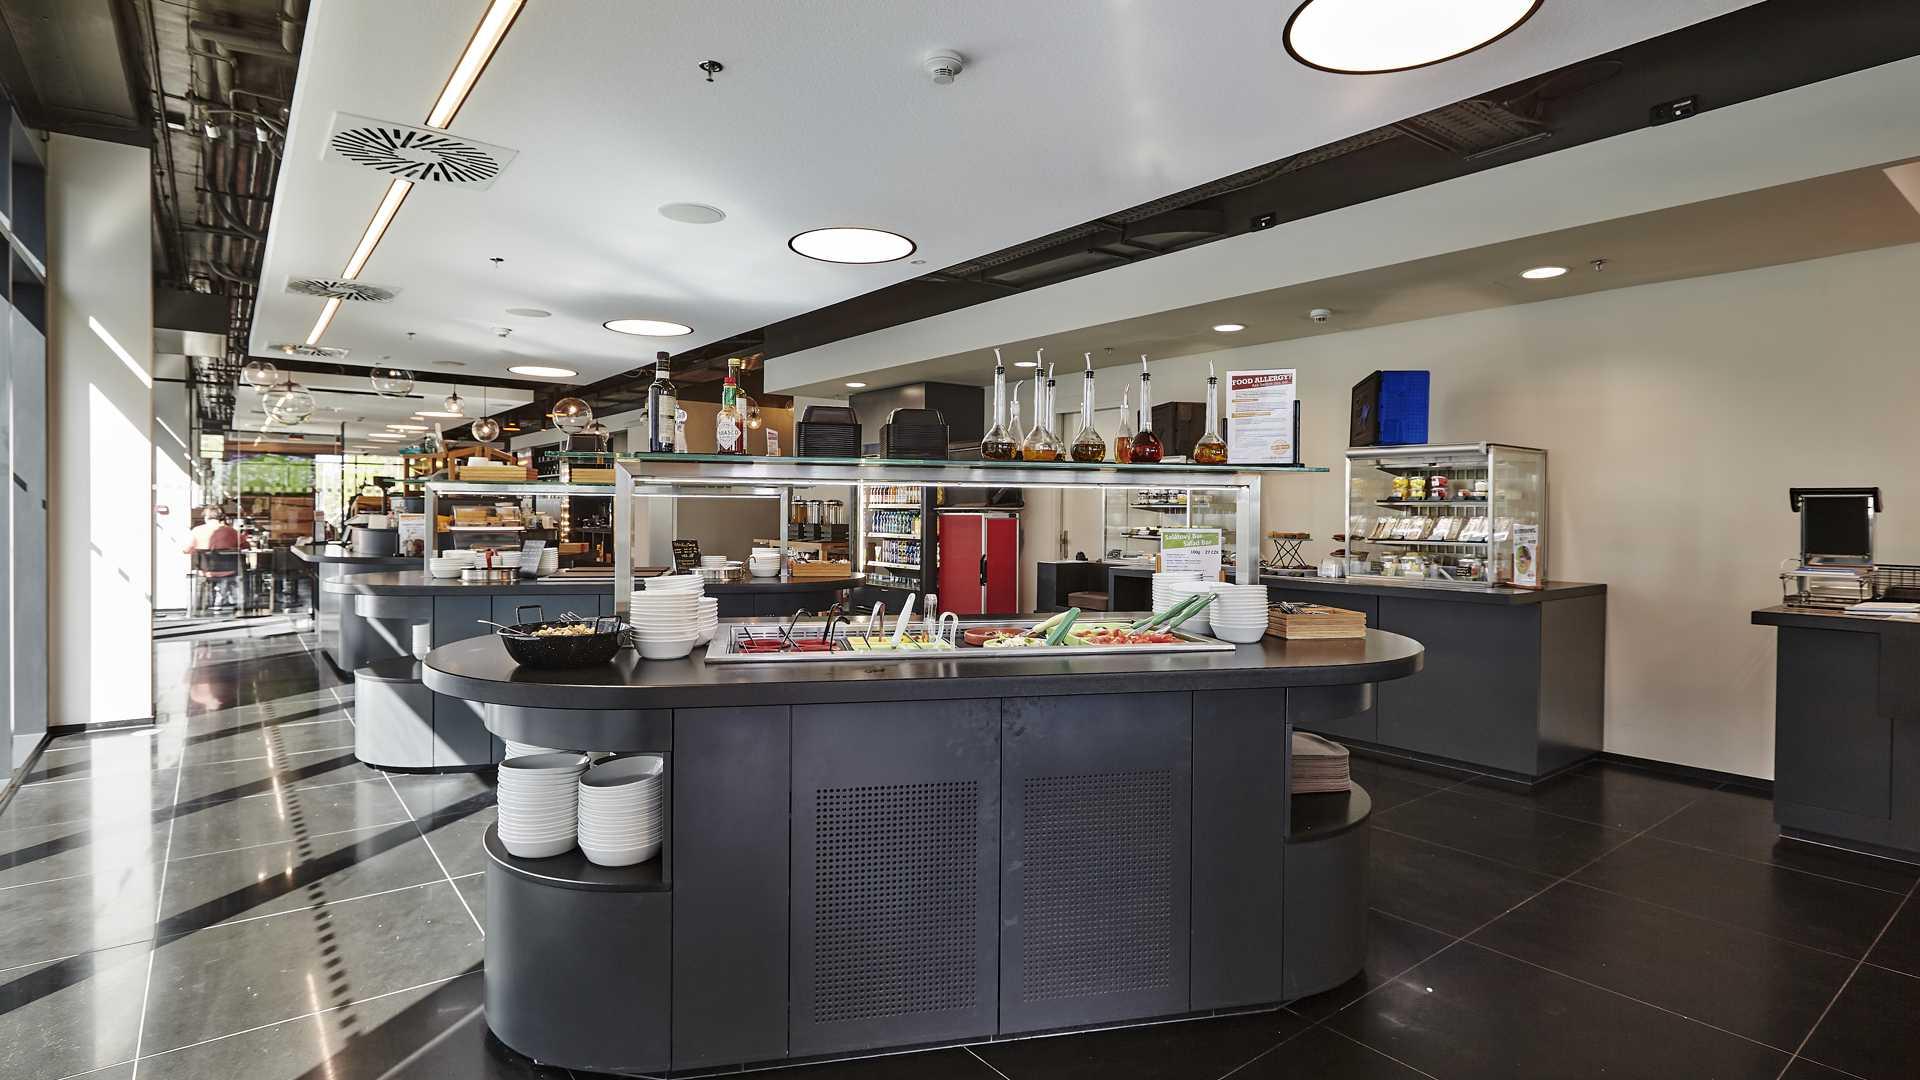 FESCHU Time Out restaurace Praha salatovy bar